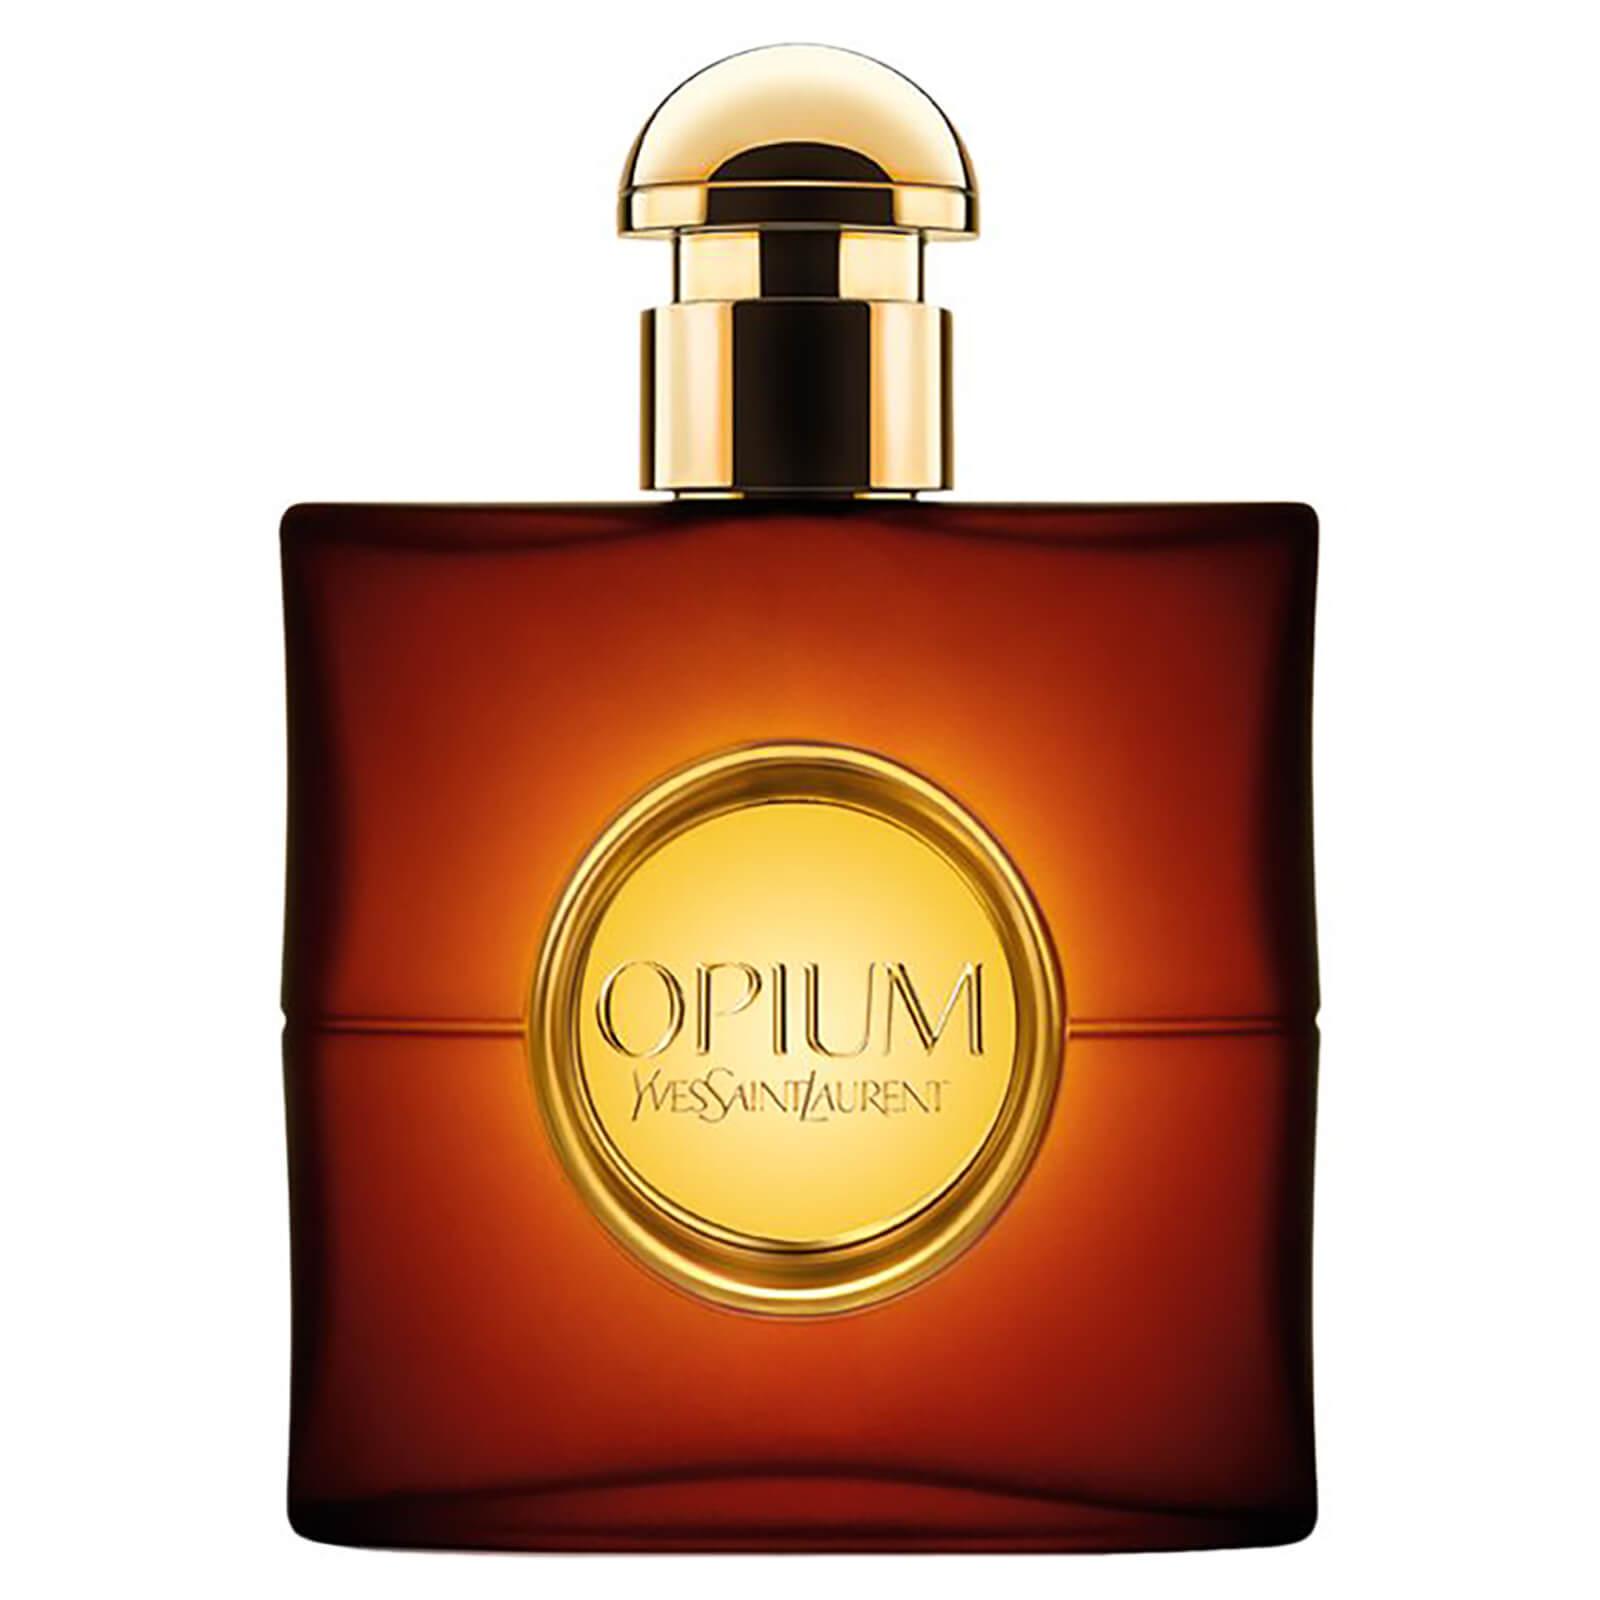 Yves Saint Laurent Opium Eau de Toilette - 30ml